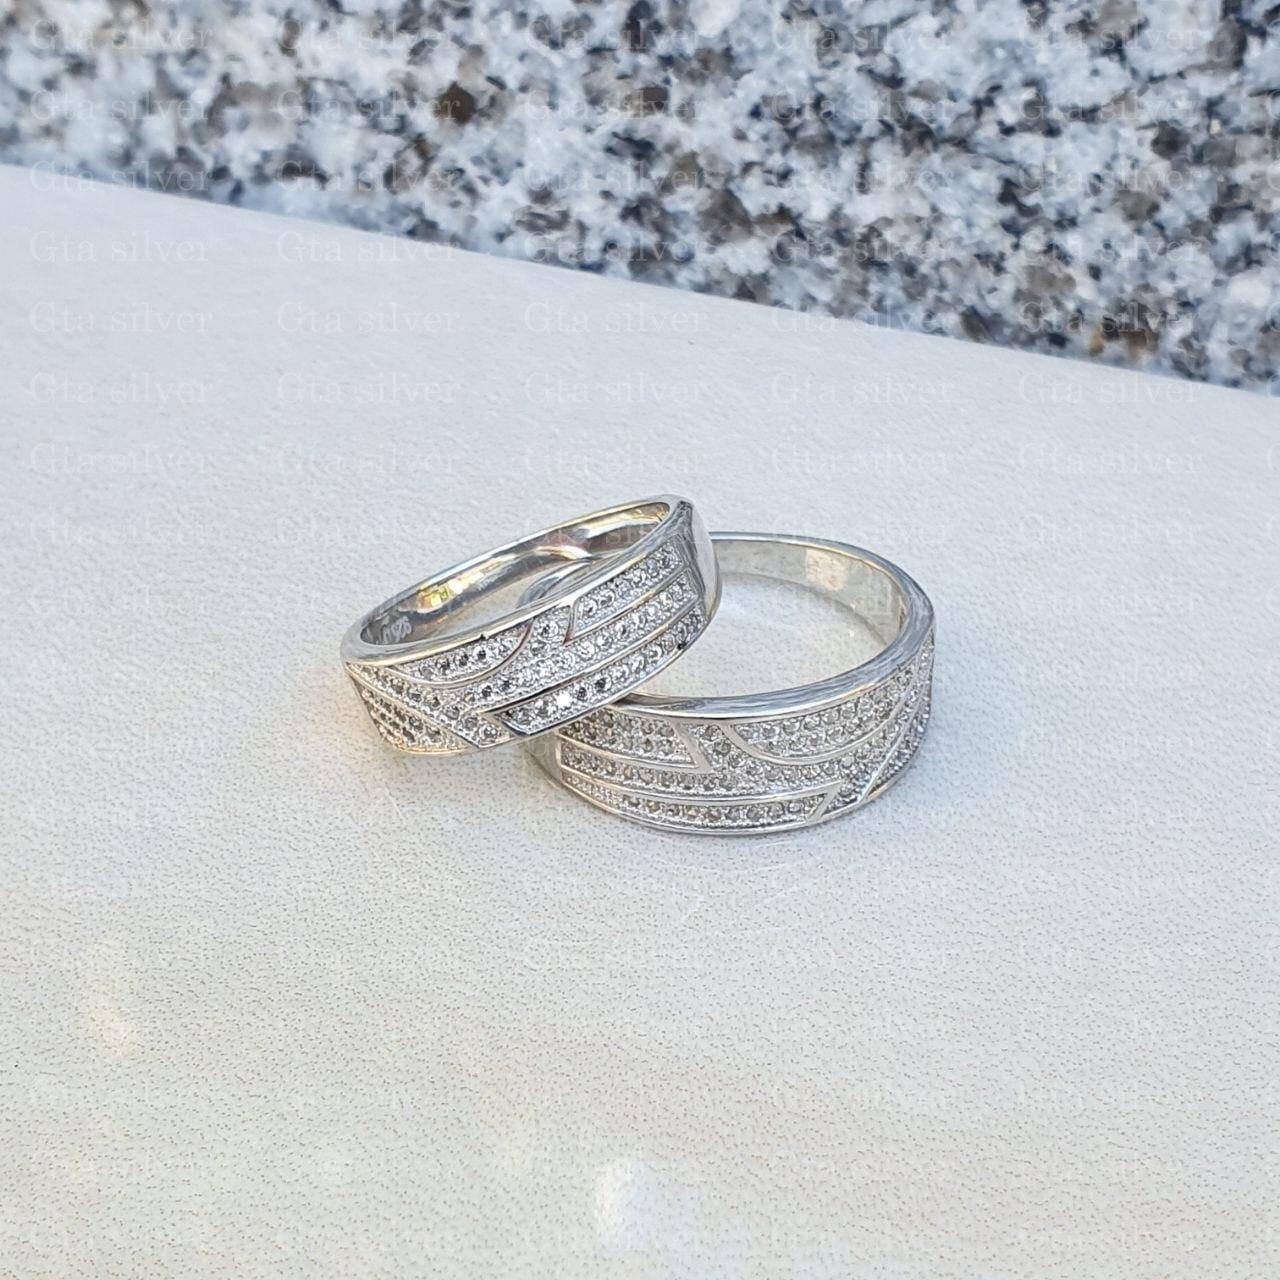 ست حلقه ازدواج وزن 8.5 گرم مدل 24